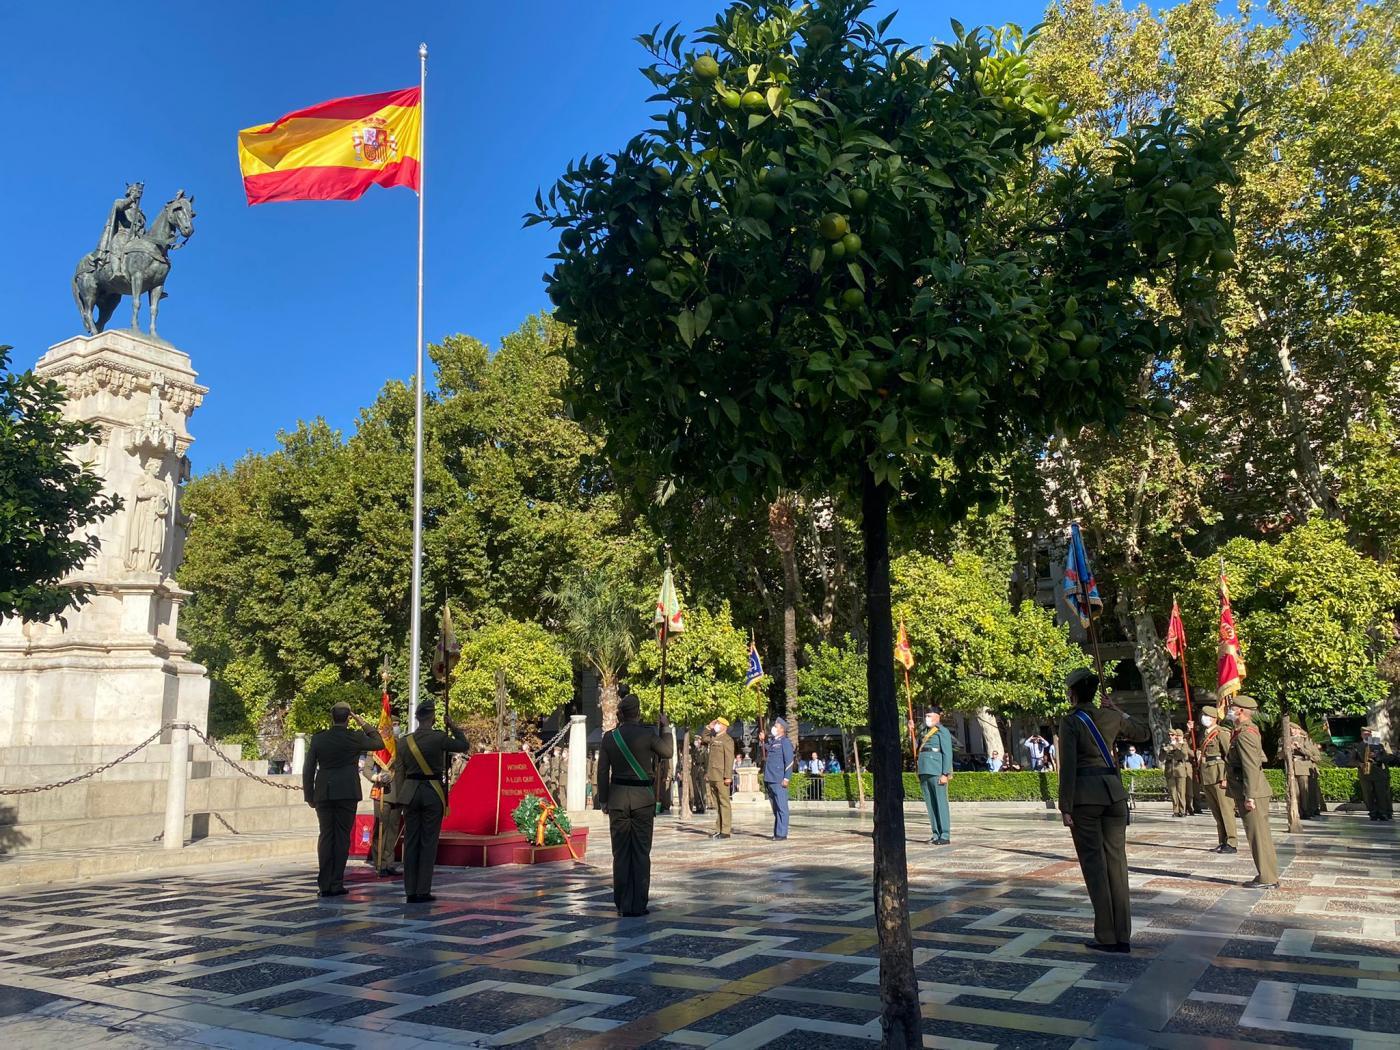 Izado de Bandera en Plaza Nueva de Sevilla.